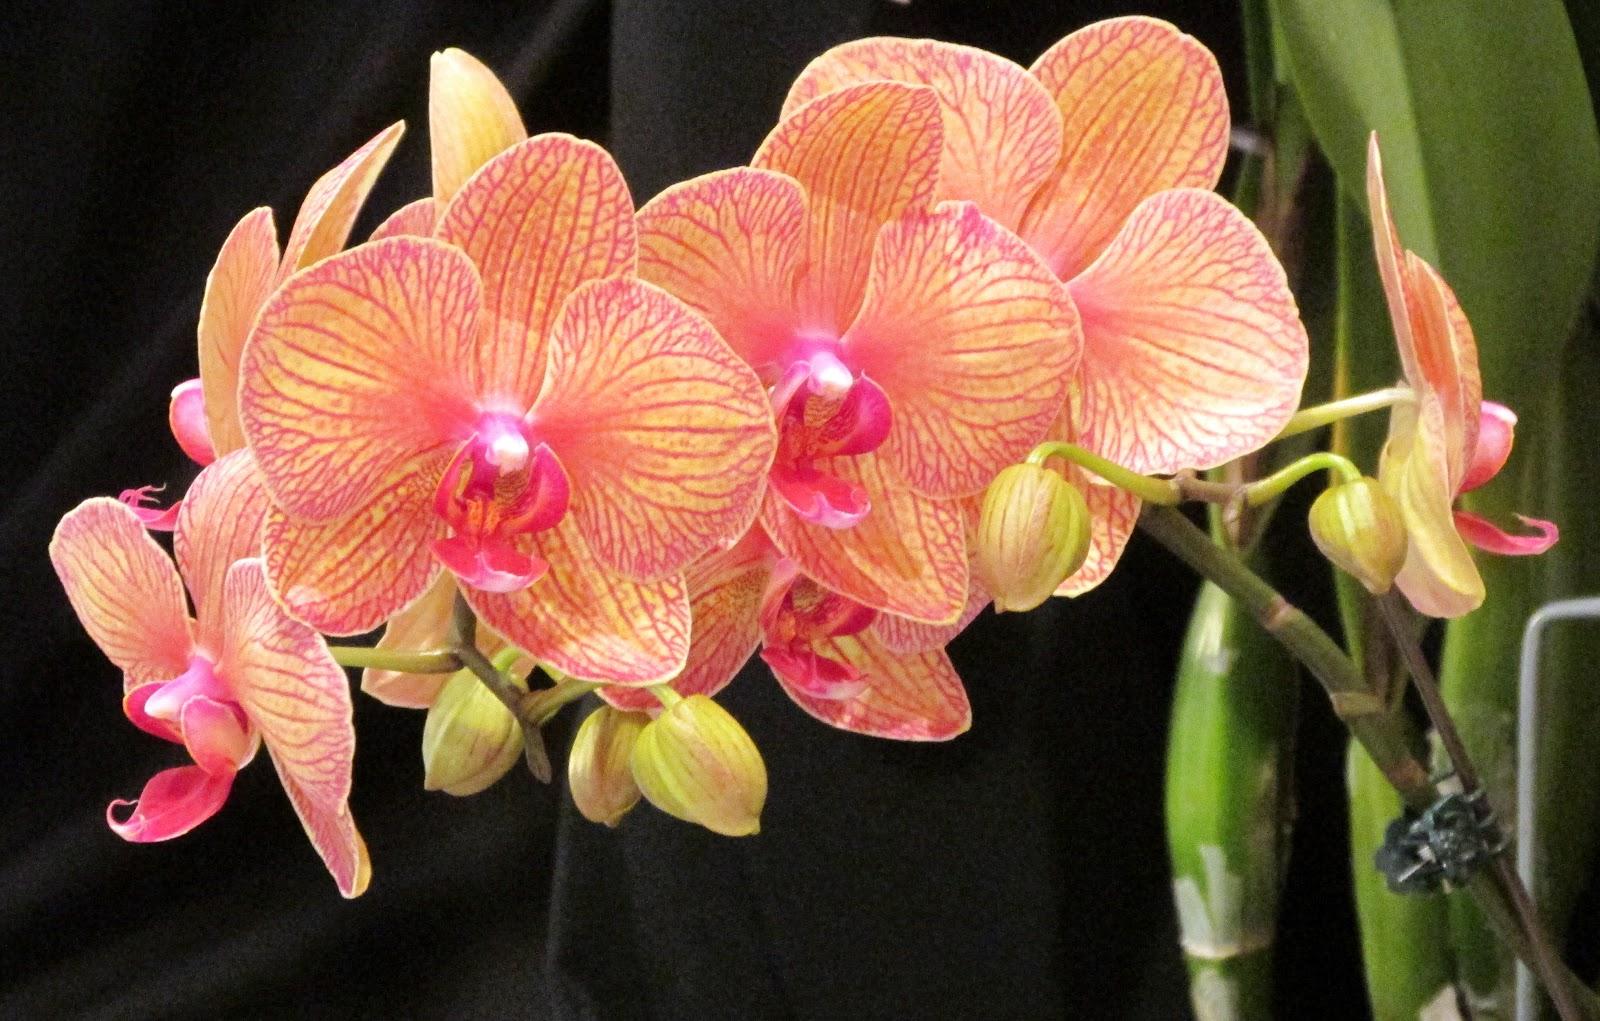 Planta del mes de Julio: Phalaenopsis con un 25% de descuento.